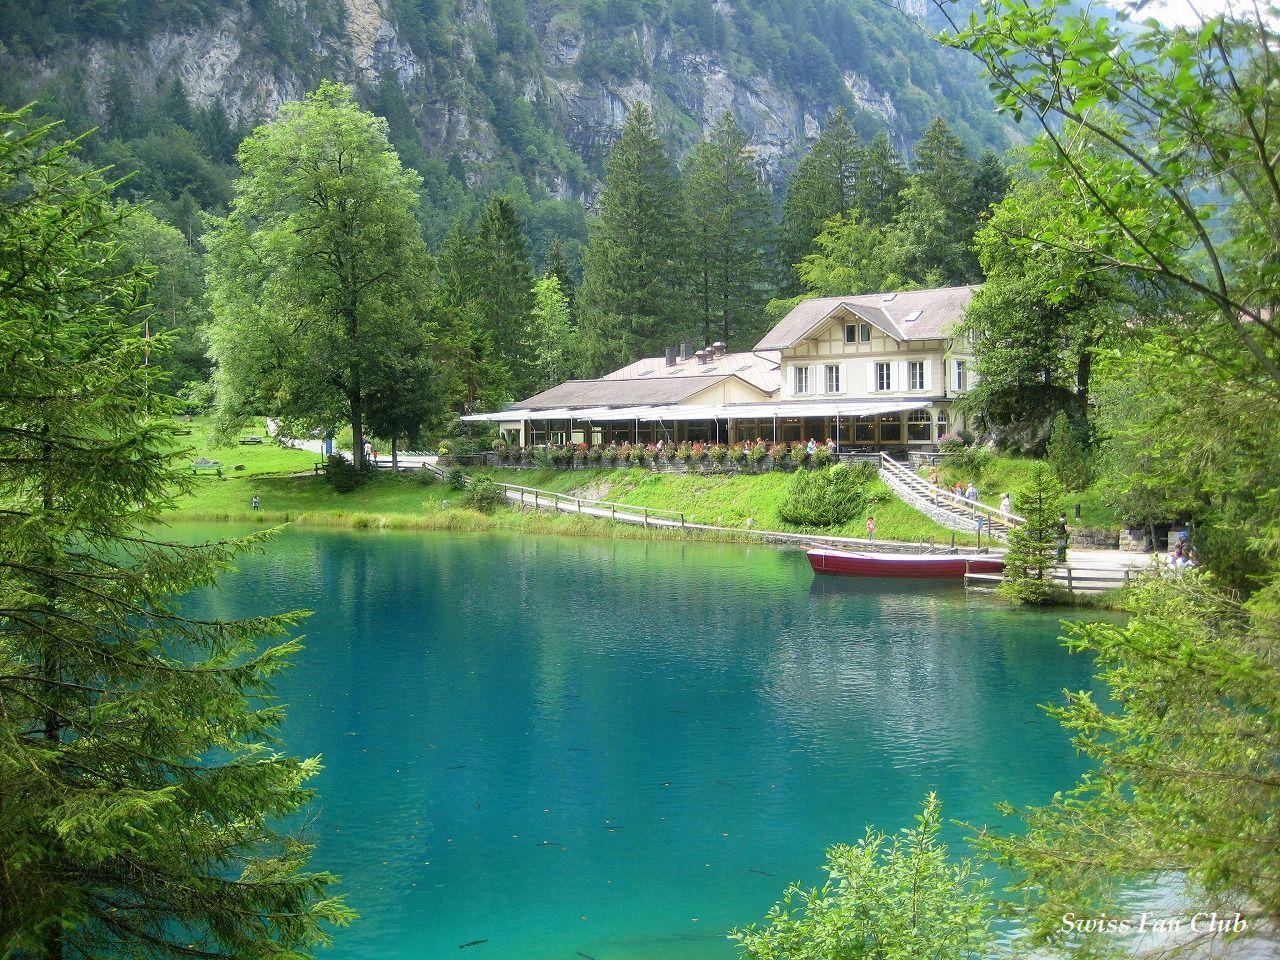 スイス - 26の旅の扉      クリスタルのような透き通った青い湖! スイス ・ブラウゼー    コメント